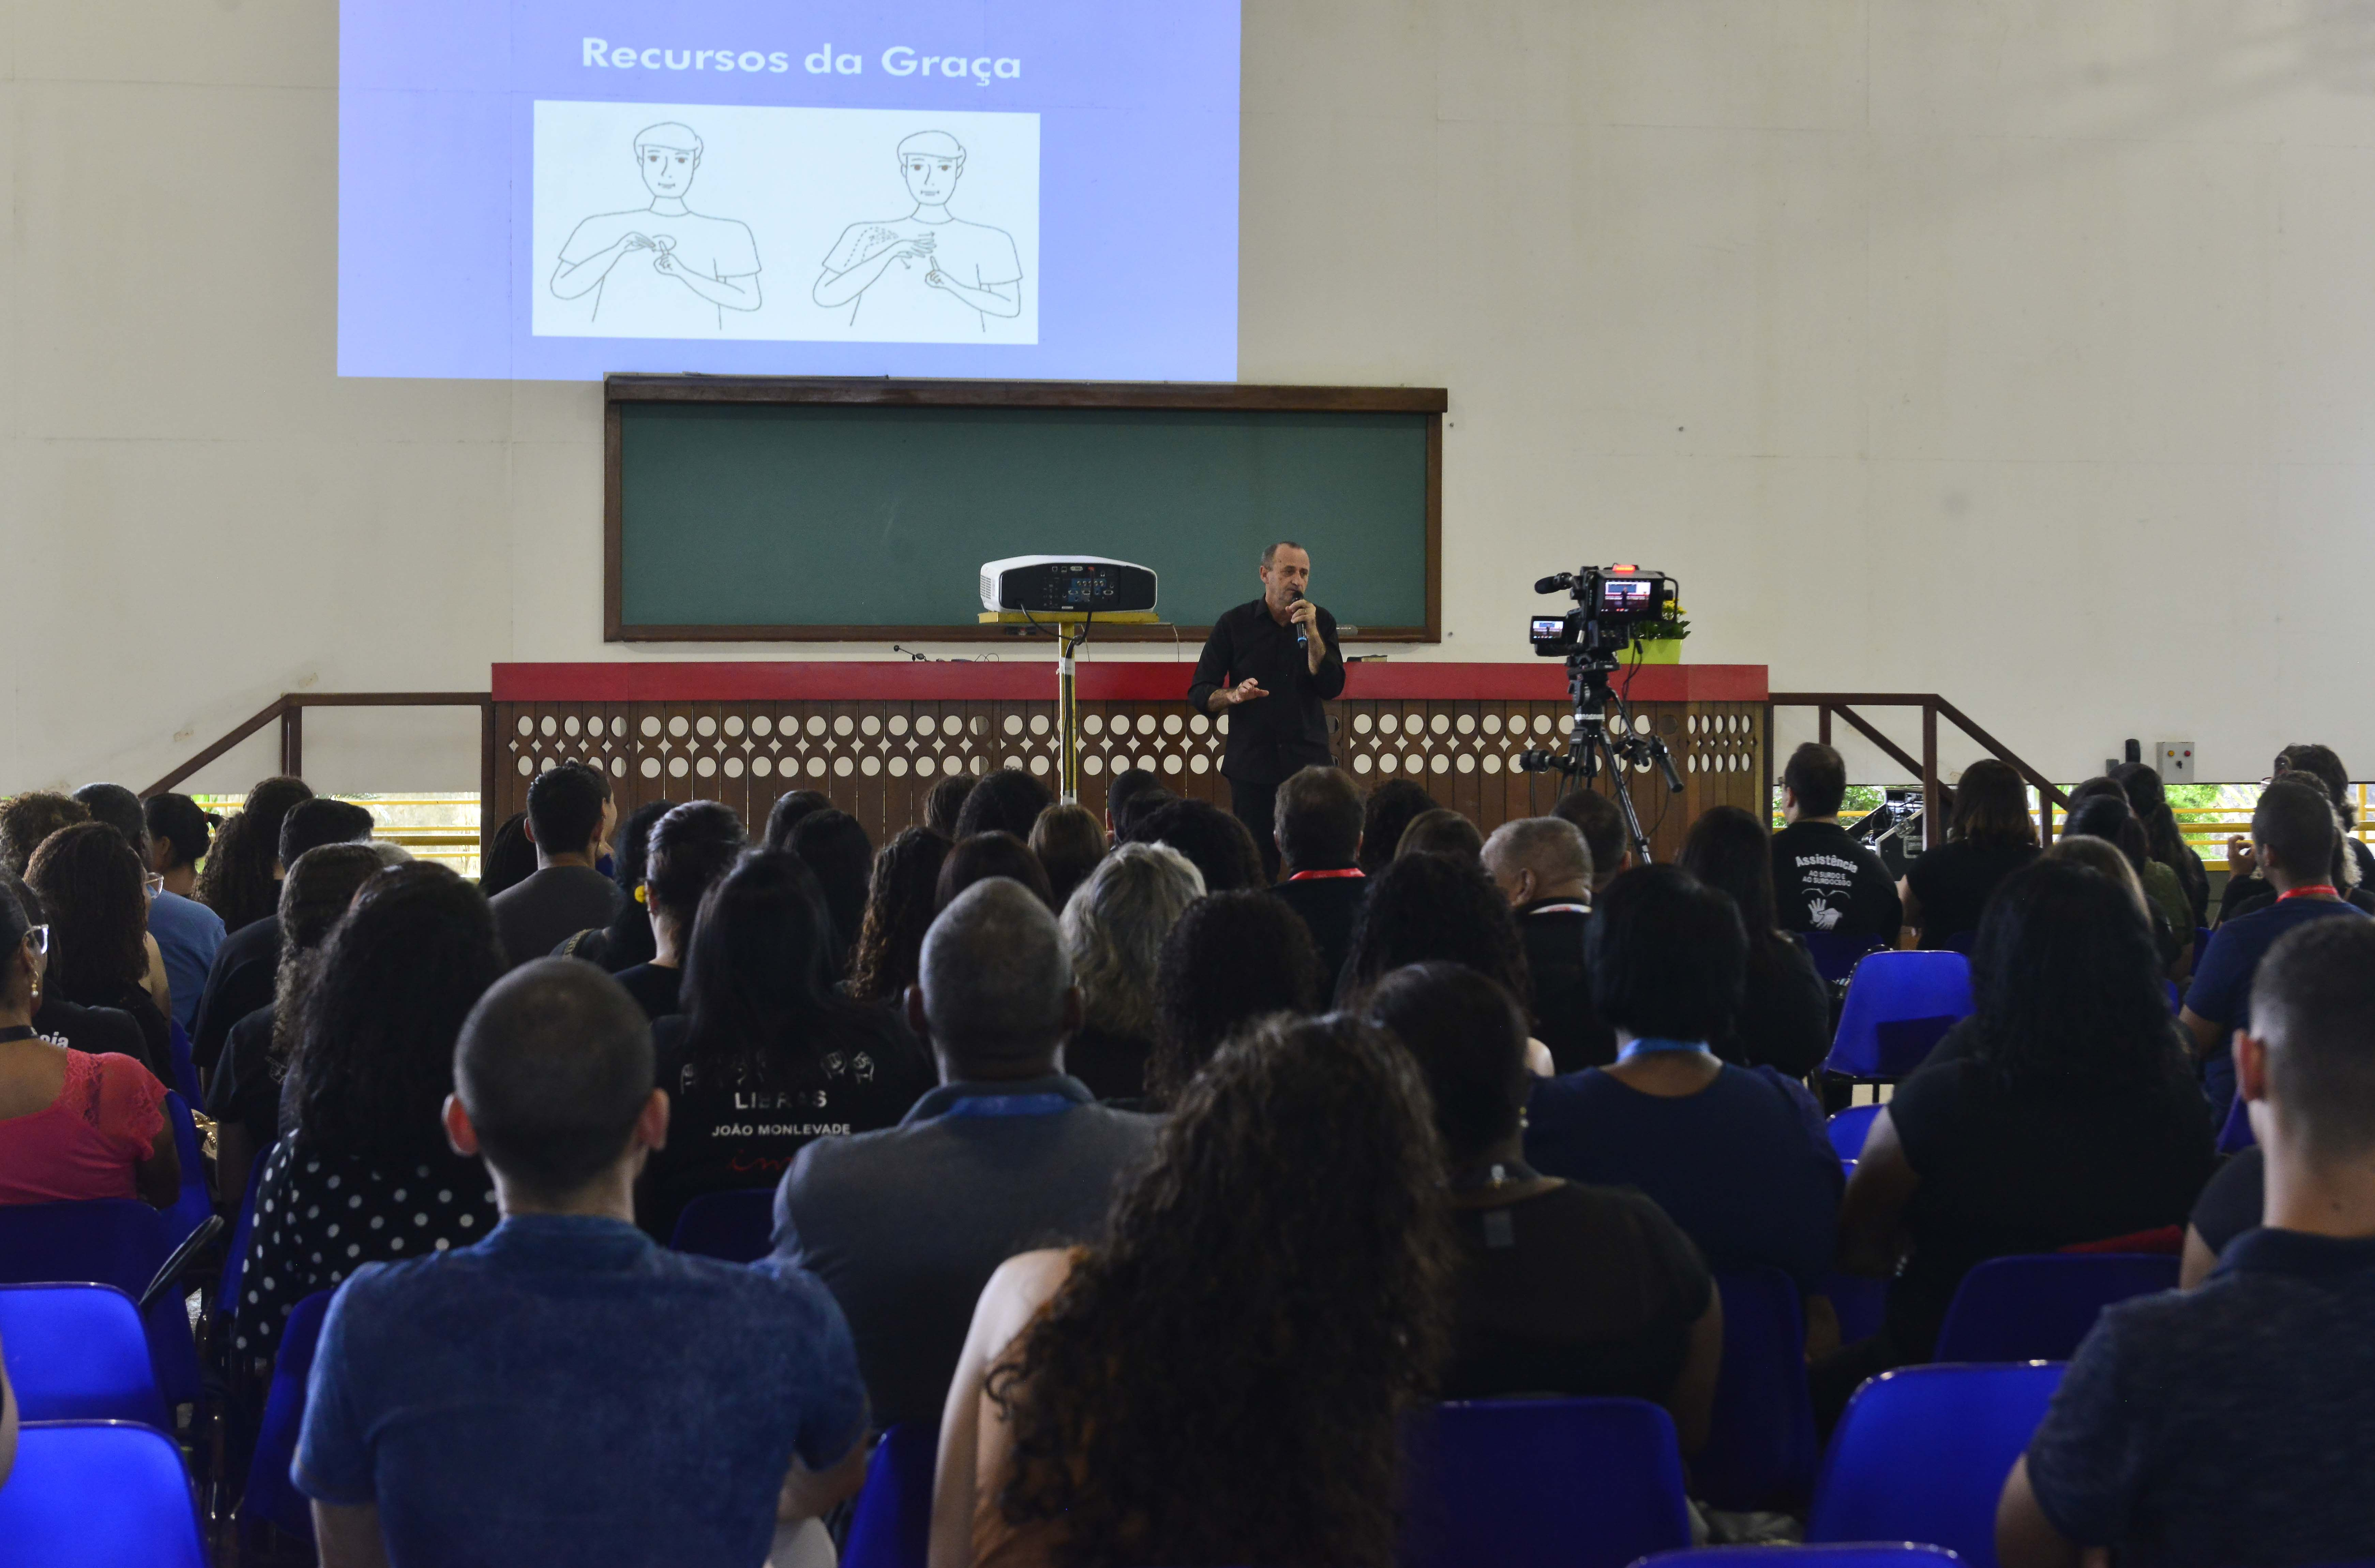 Seminário no Maanaim, em Cariacica, ensina Língua Brasileira de Sinais para membros da Igreja Cristã Maranata. Foto: Fábio Vicentini